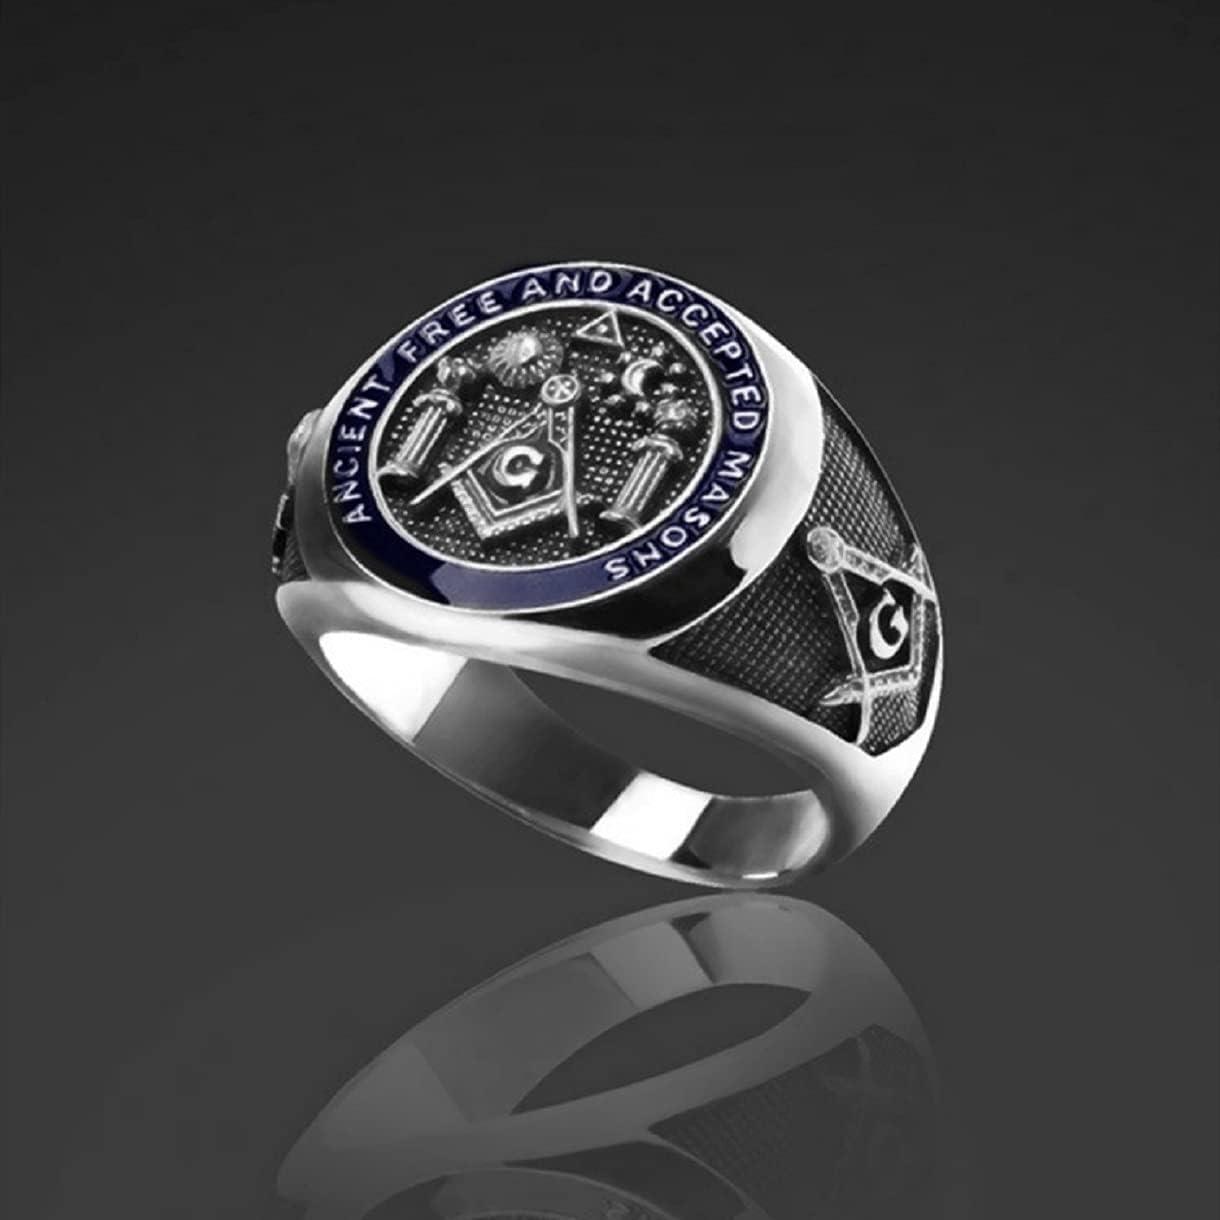 Punk Masonic Ring for Men, Gothic Freemason Ring Hip Hop Vintage Masonic Freemason Ring for Boys